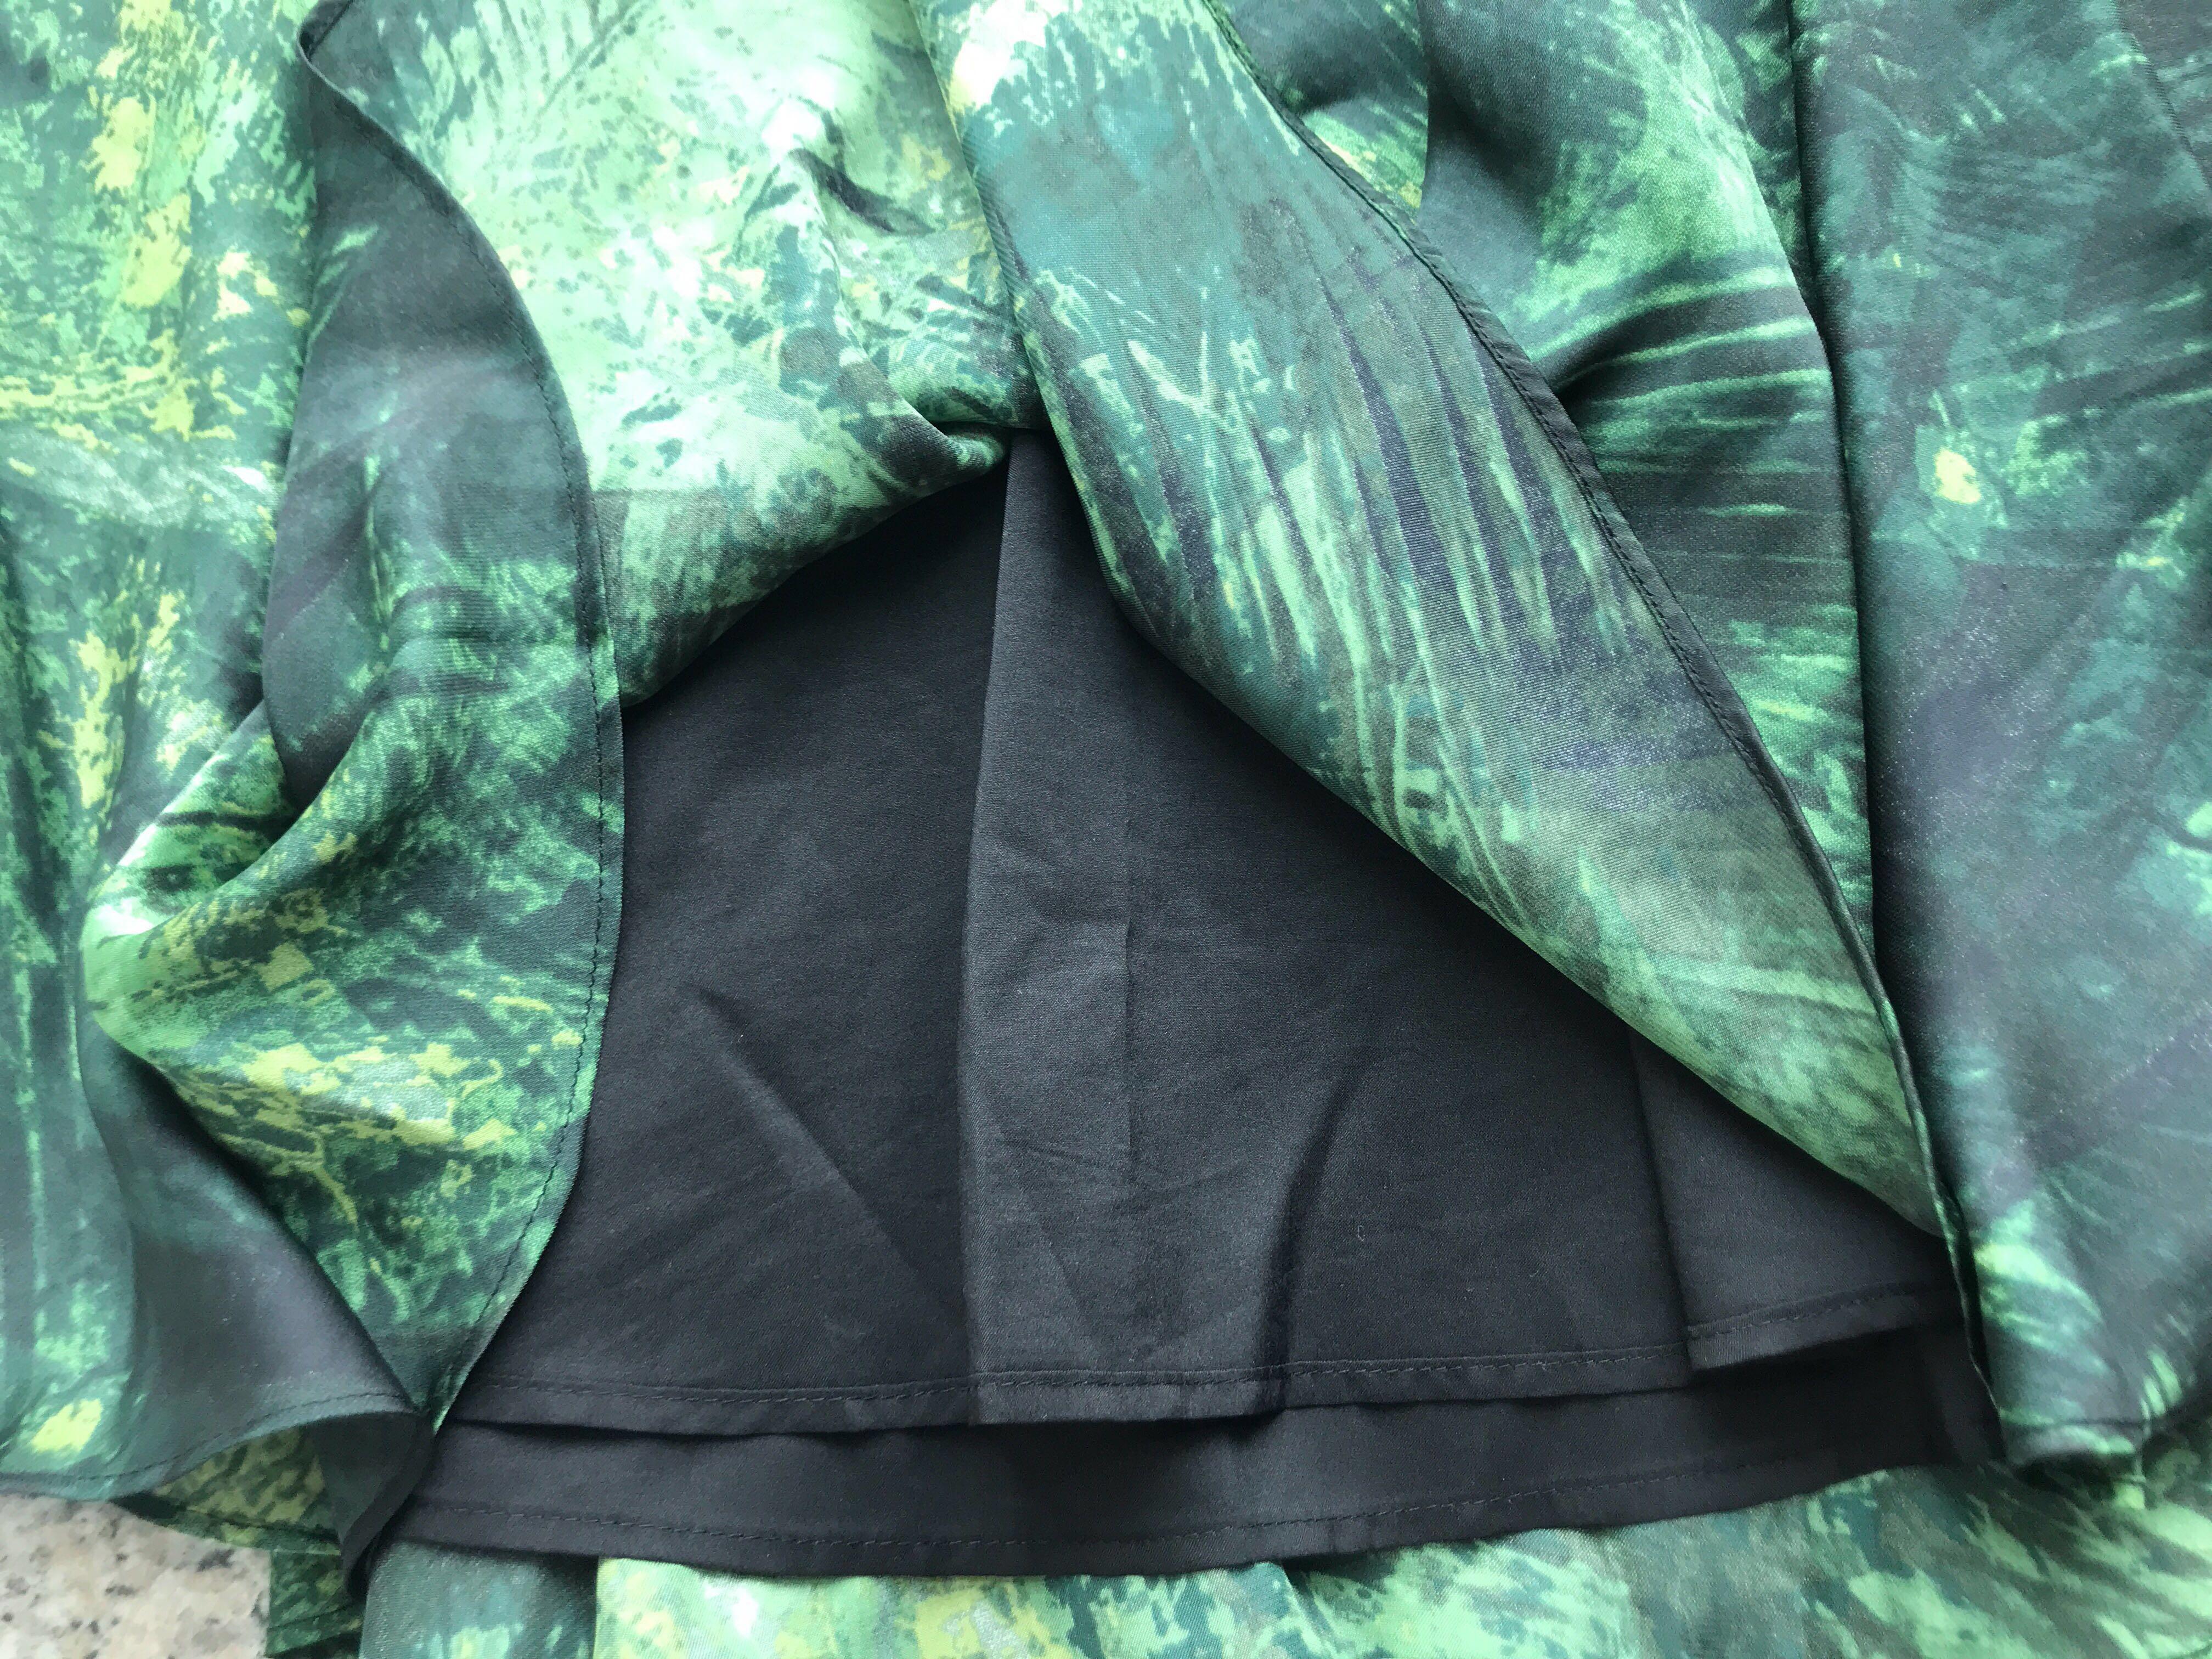 f951cf7a52d Karen Millen Tropical Palm Abstract Print Skirt, Women's Fashion ...